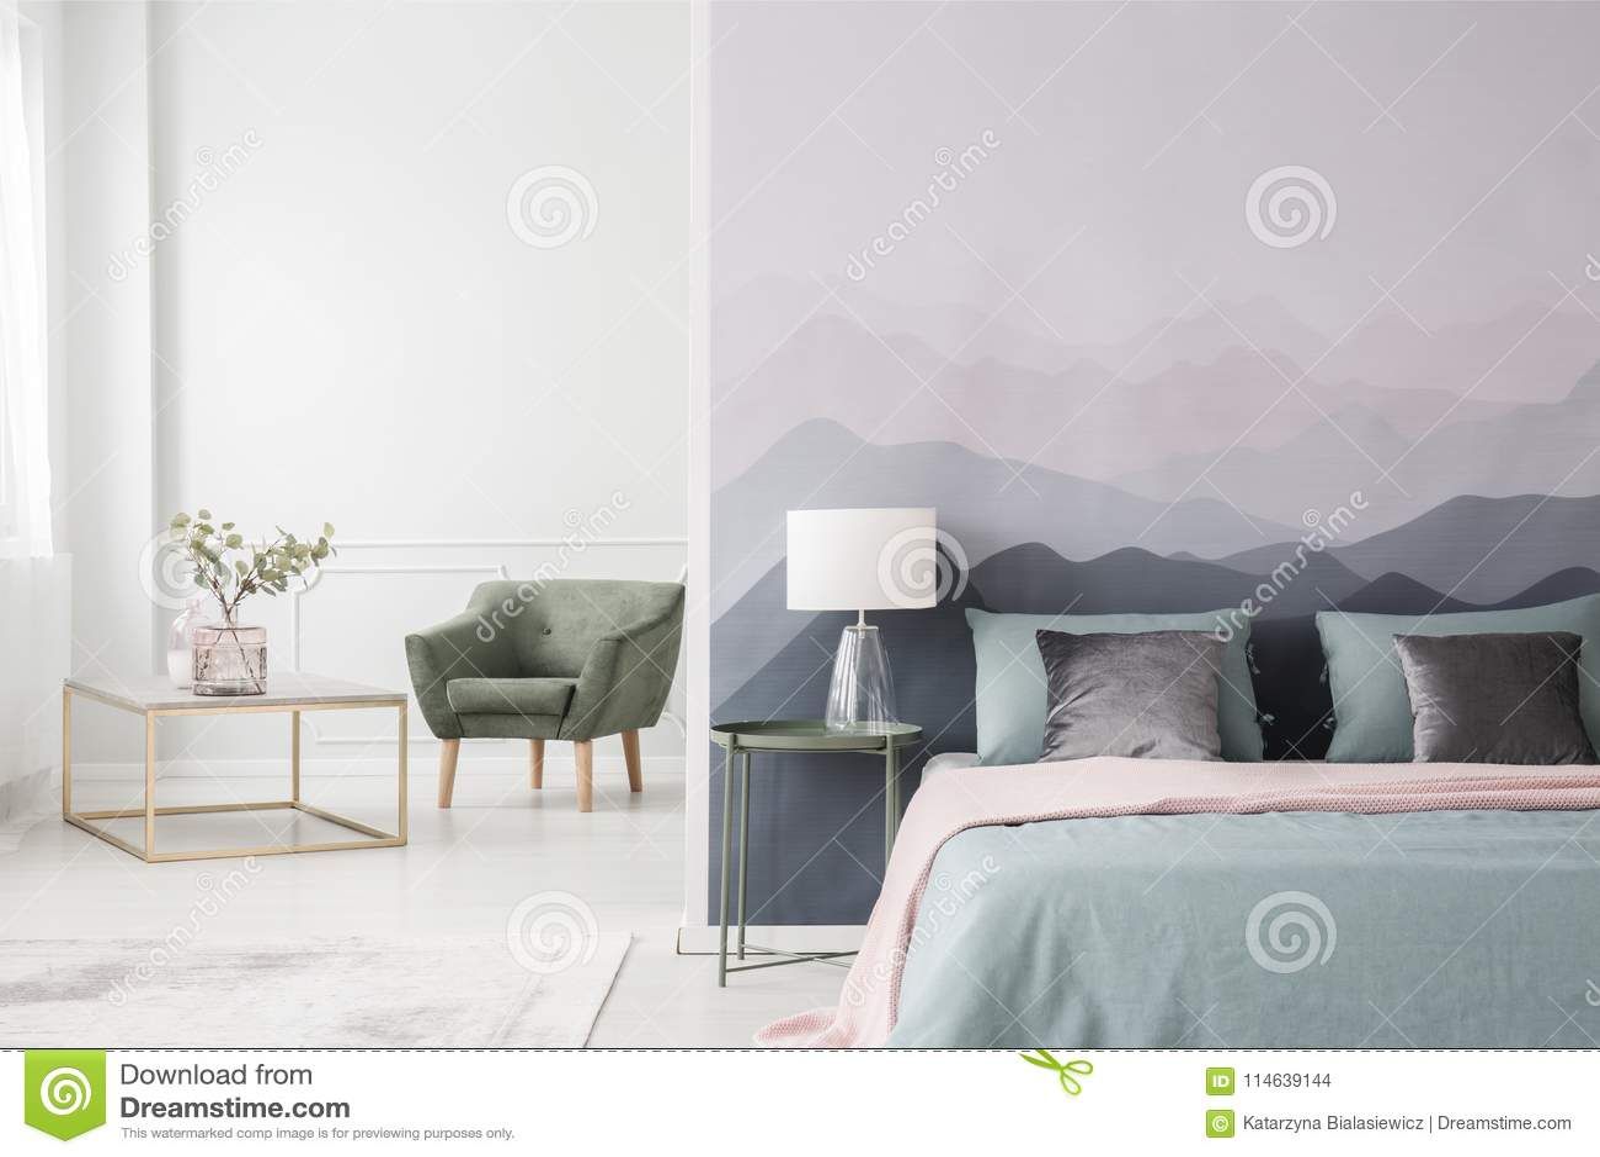 Papier Peint Chambre Moderne grand lit par le papier peint de paysage photo stock - image